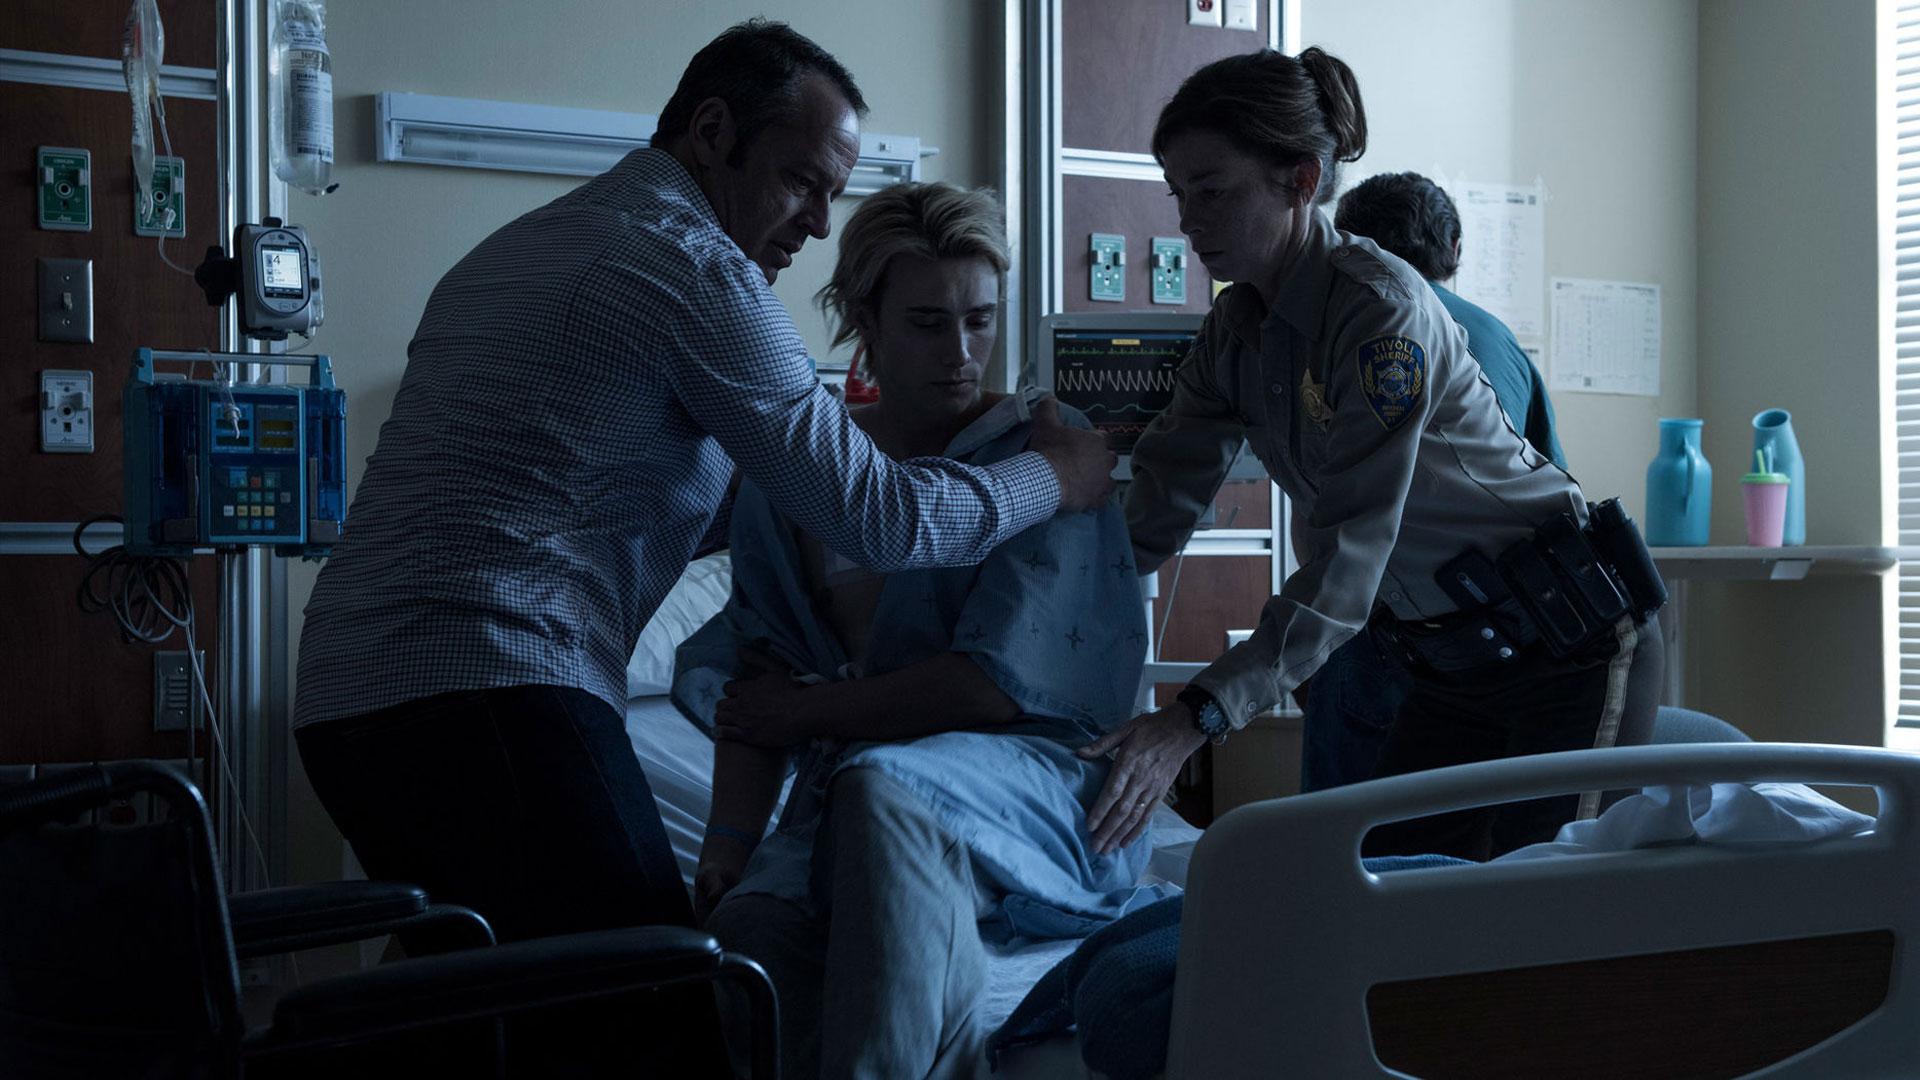 Eyewitness sier veldig fra i både stil og fargevalg at dette er en nordisk noir-serie. (Foto: USA Network)